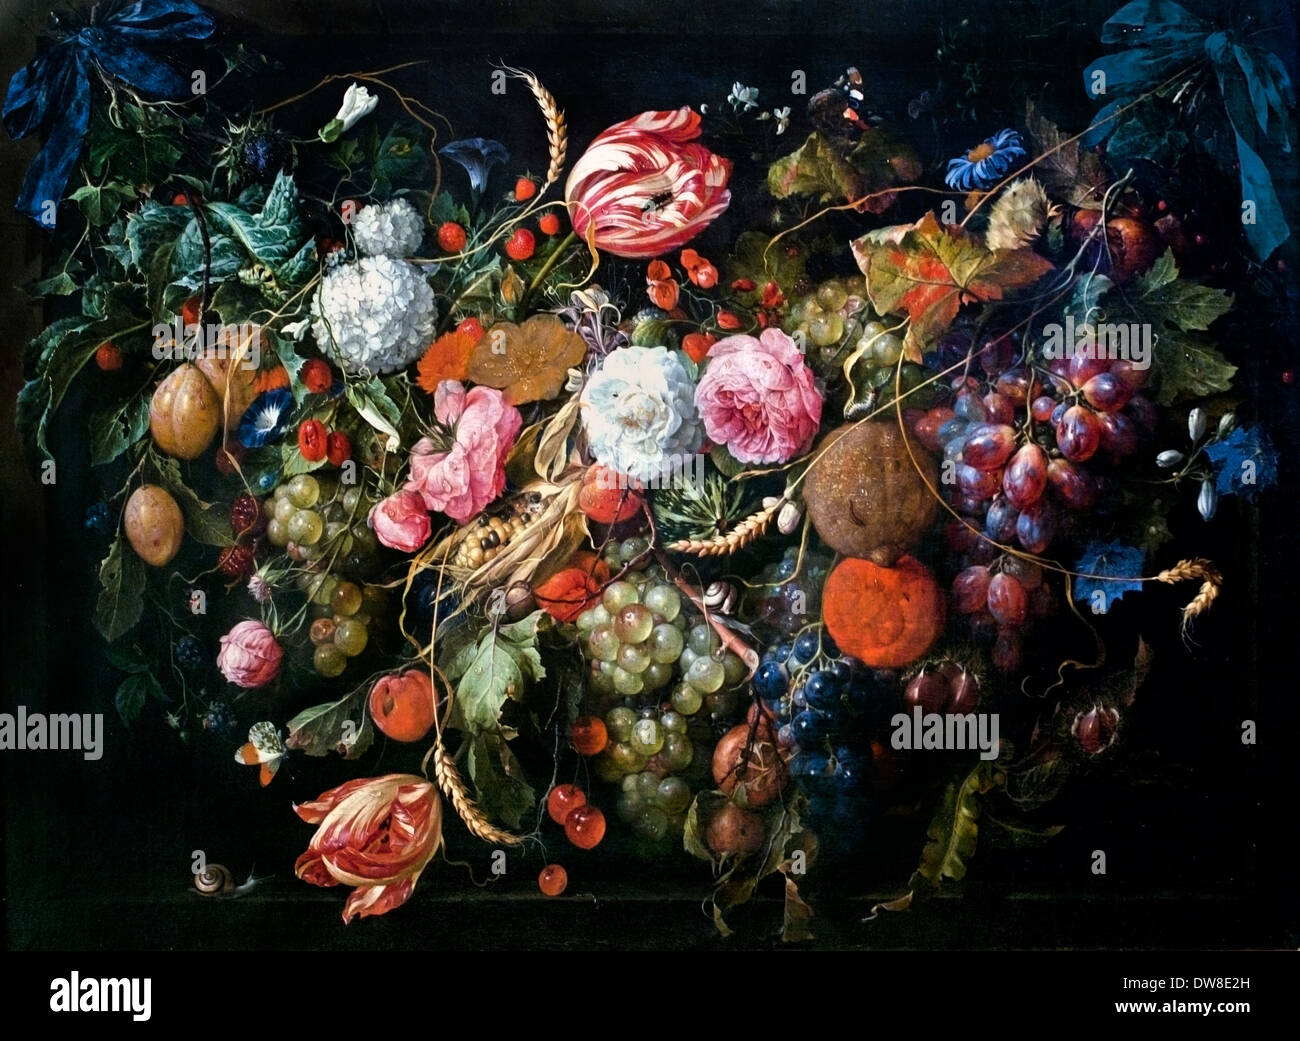 Guirlande de fleurs et de fruits 1650 Jan Davidsz. De Heem 1606 - 1684 Pays-Bas Néerlandais Banque D'Images